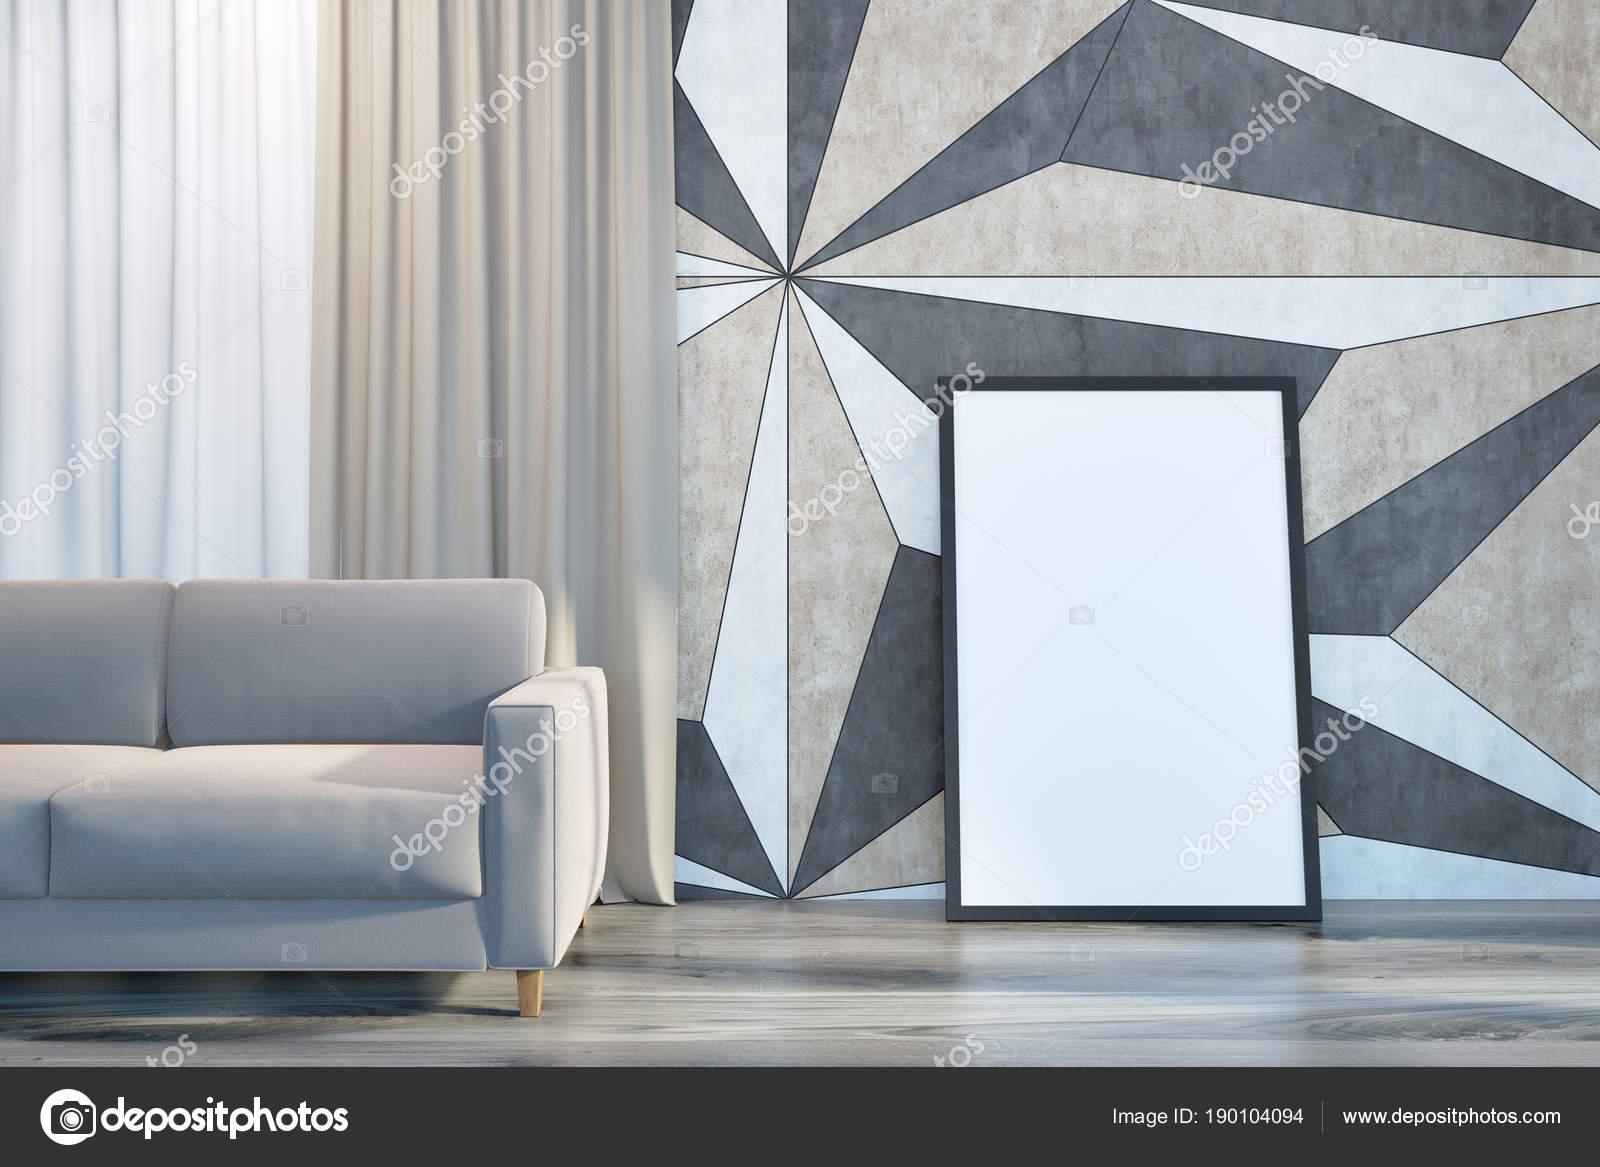 Geometrische Muster Wohnzimmer Wandinnenseite Mit Einem Holzboden Und Eine Beige  Sofa Stand In Der Nähe Ein Gerahmtes Vertikale Poster Auf Dem Boden.